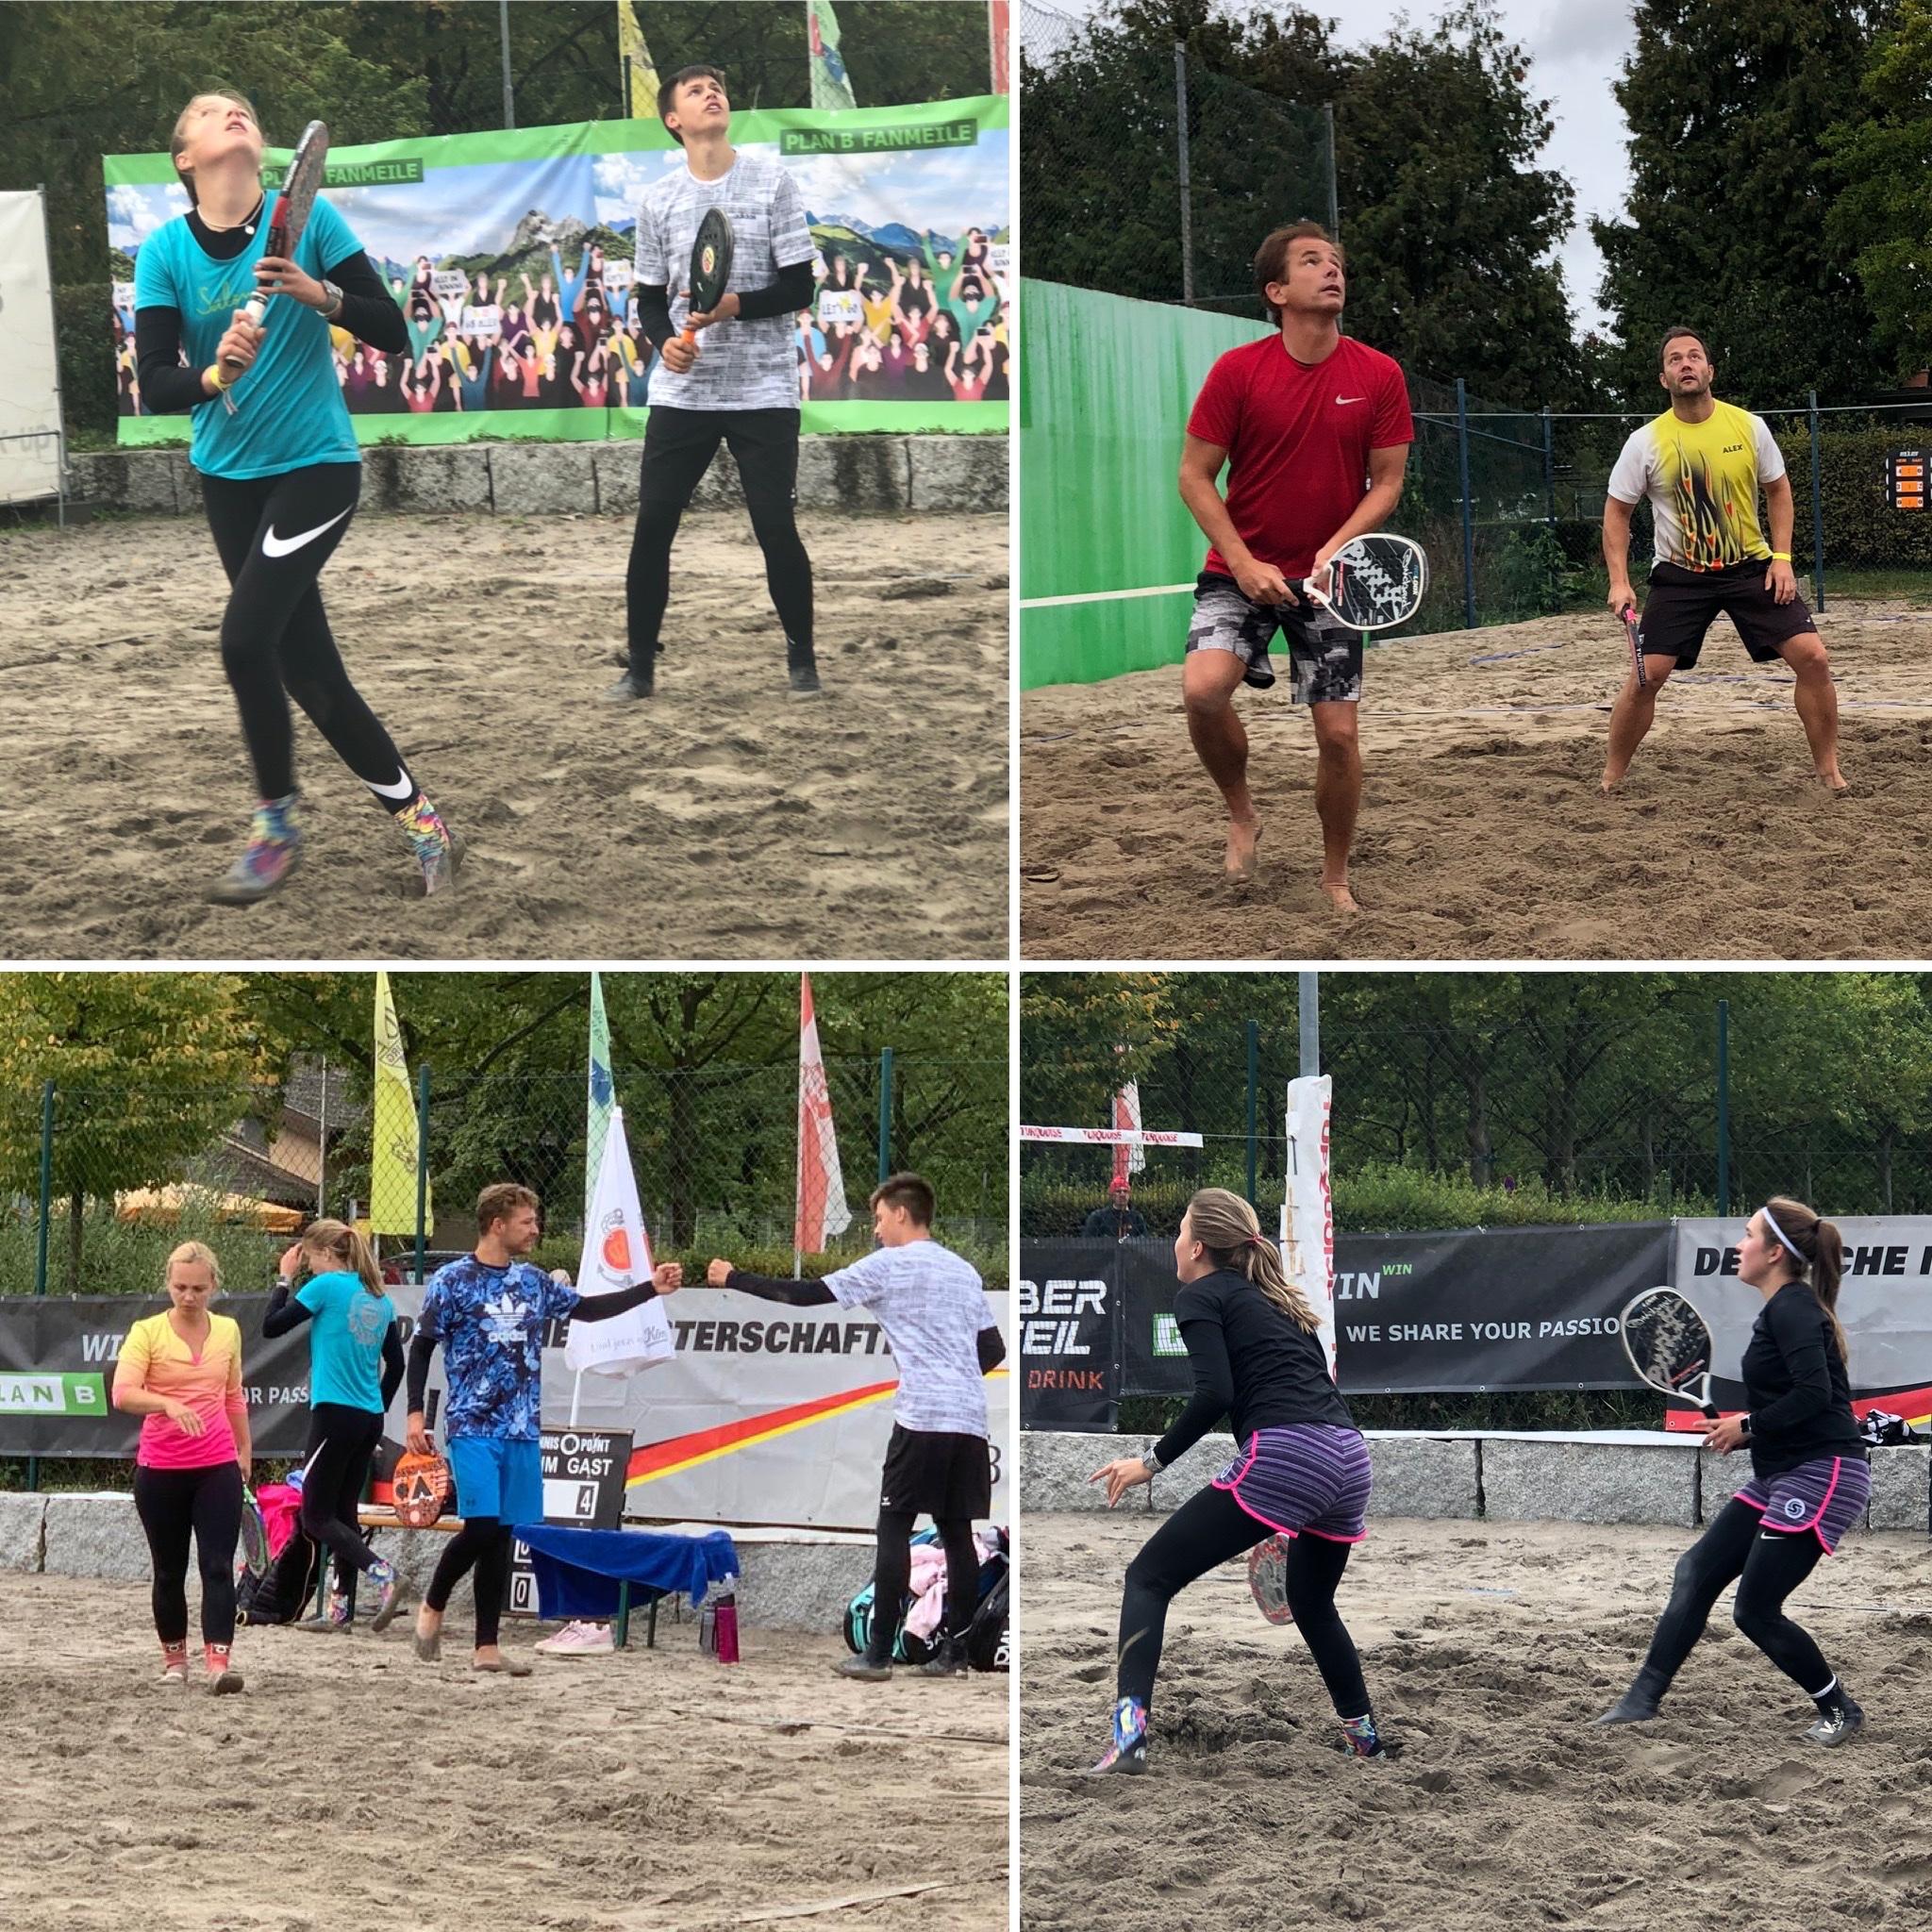 Deutsche Meisterschaften im Beach Tennis 2020